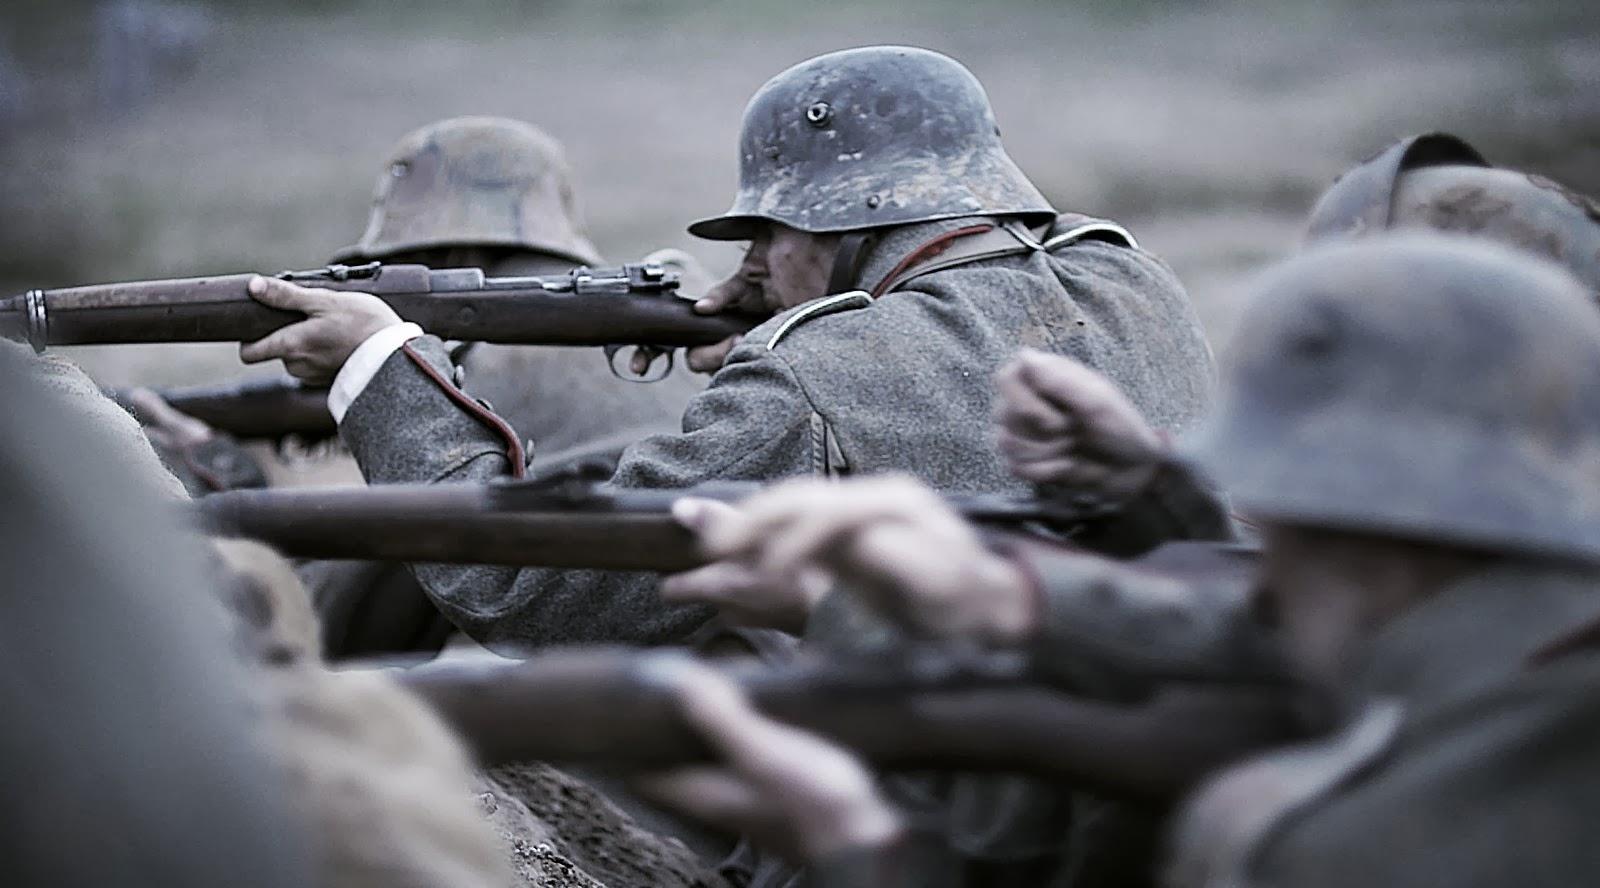 Battlegrounds Unglaublich Spannend: De Mening Van Een Filmfreak